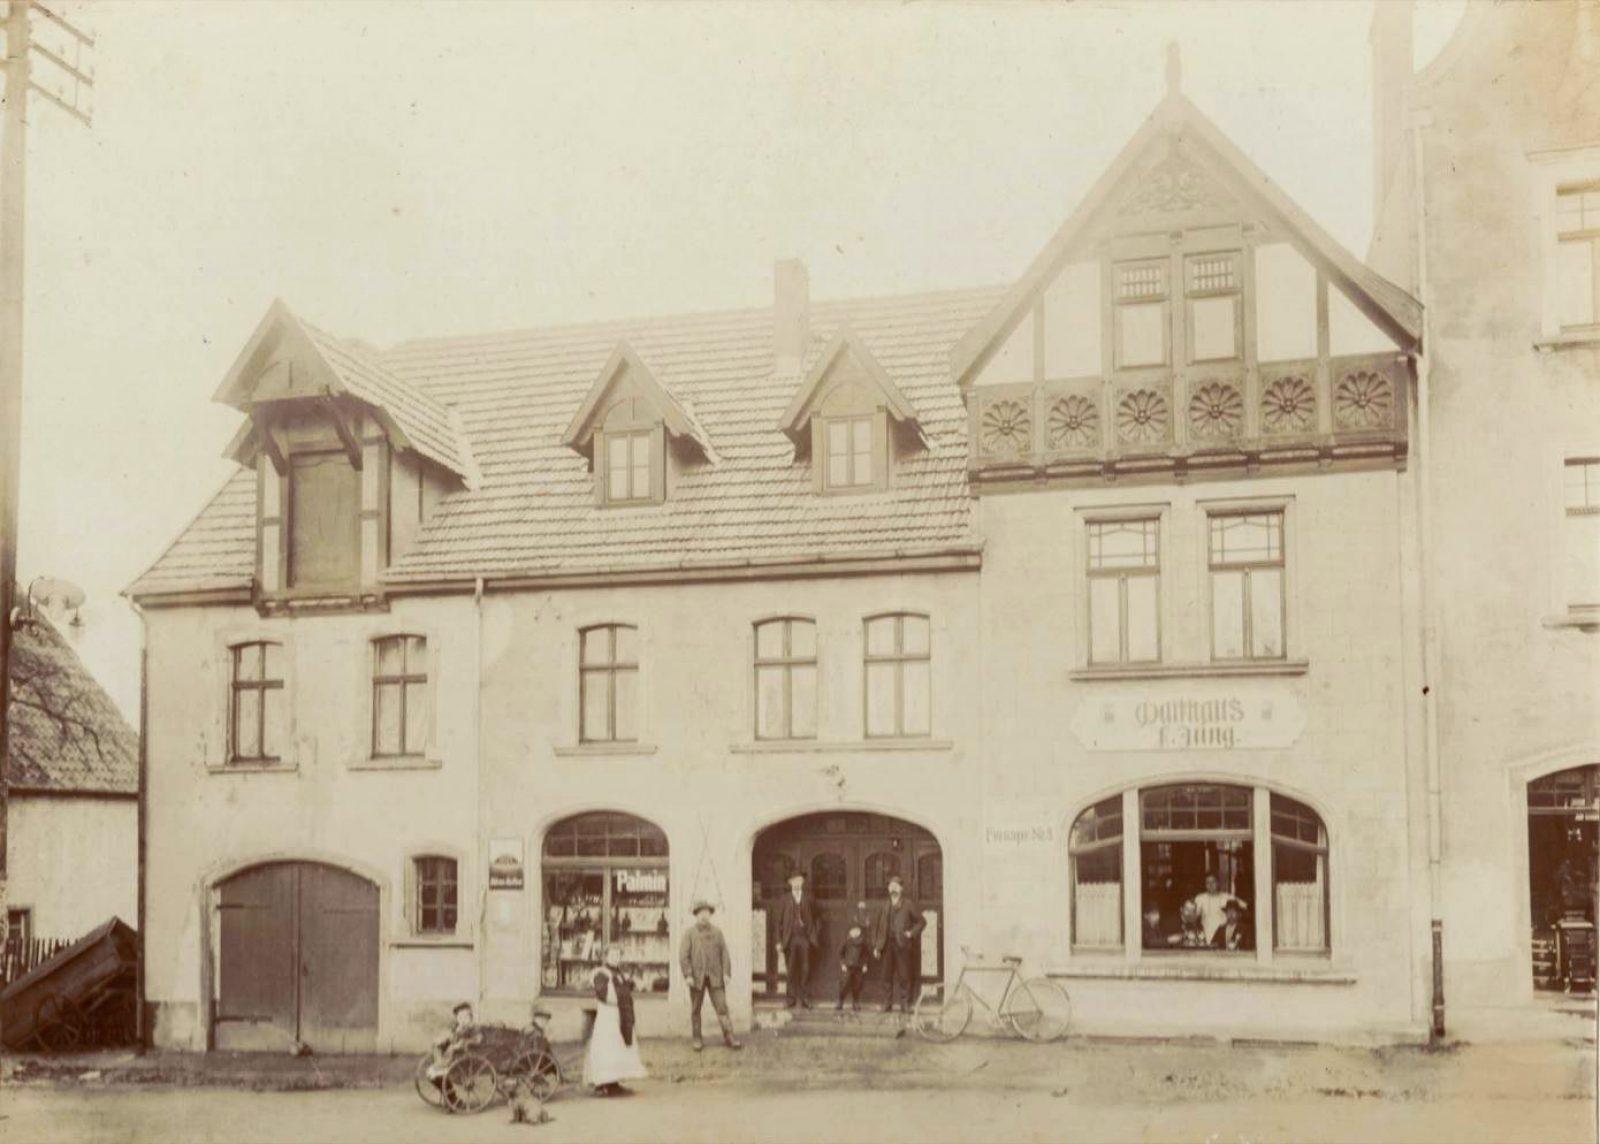 1910 Dorls Isingüb